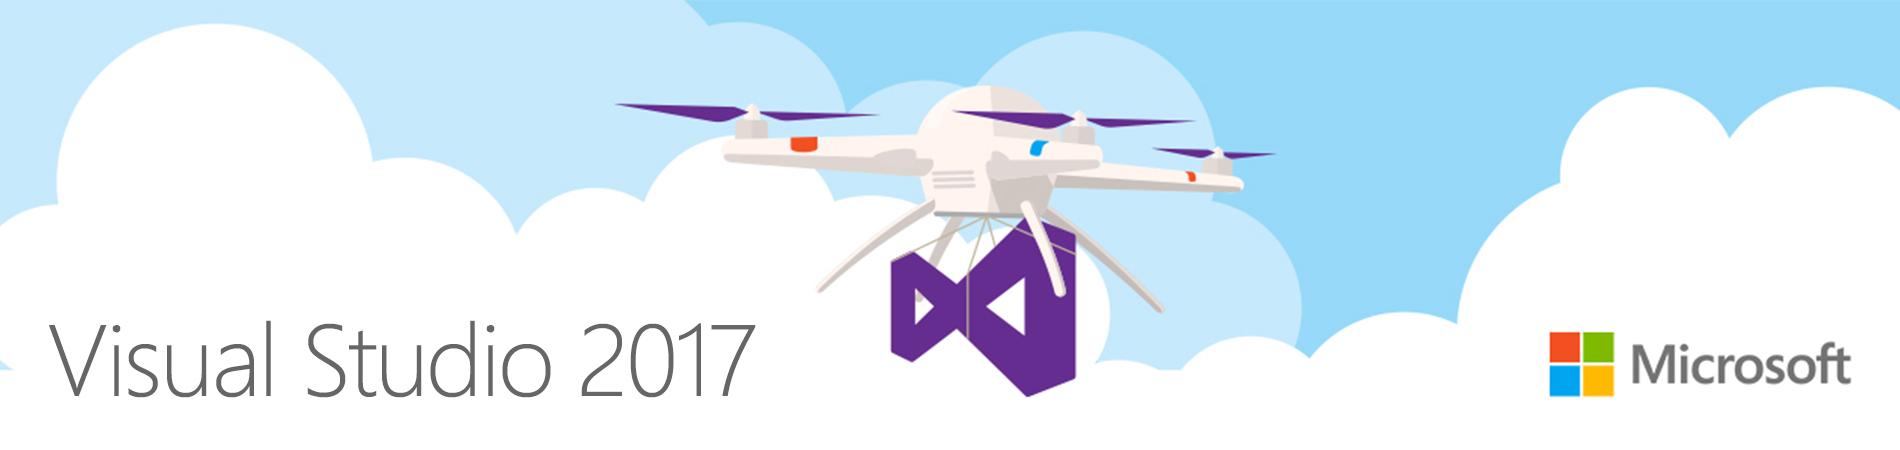 Visual Studio 2017 и новые возможности инструментов от Microsoft